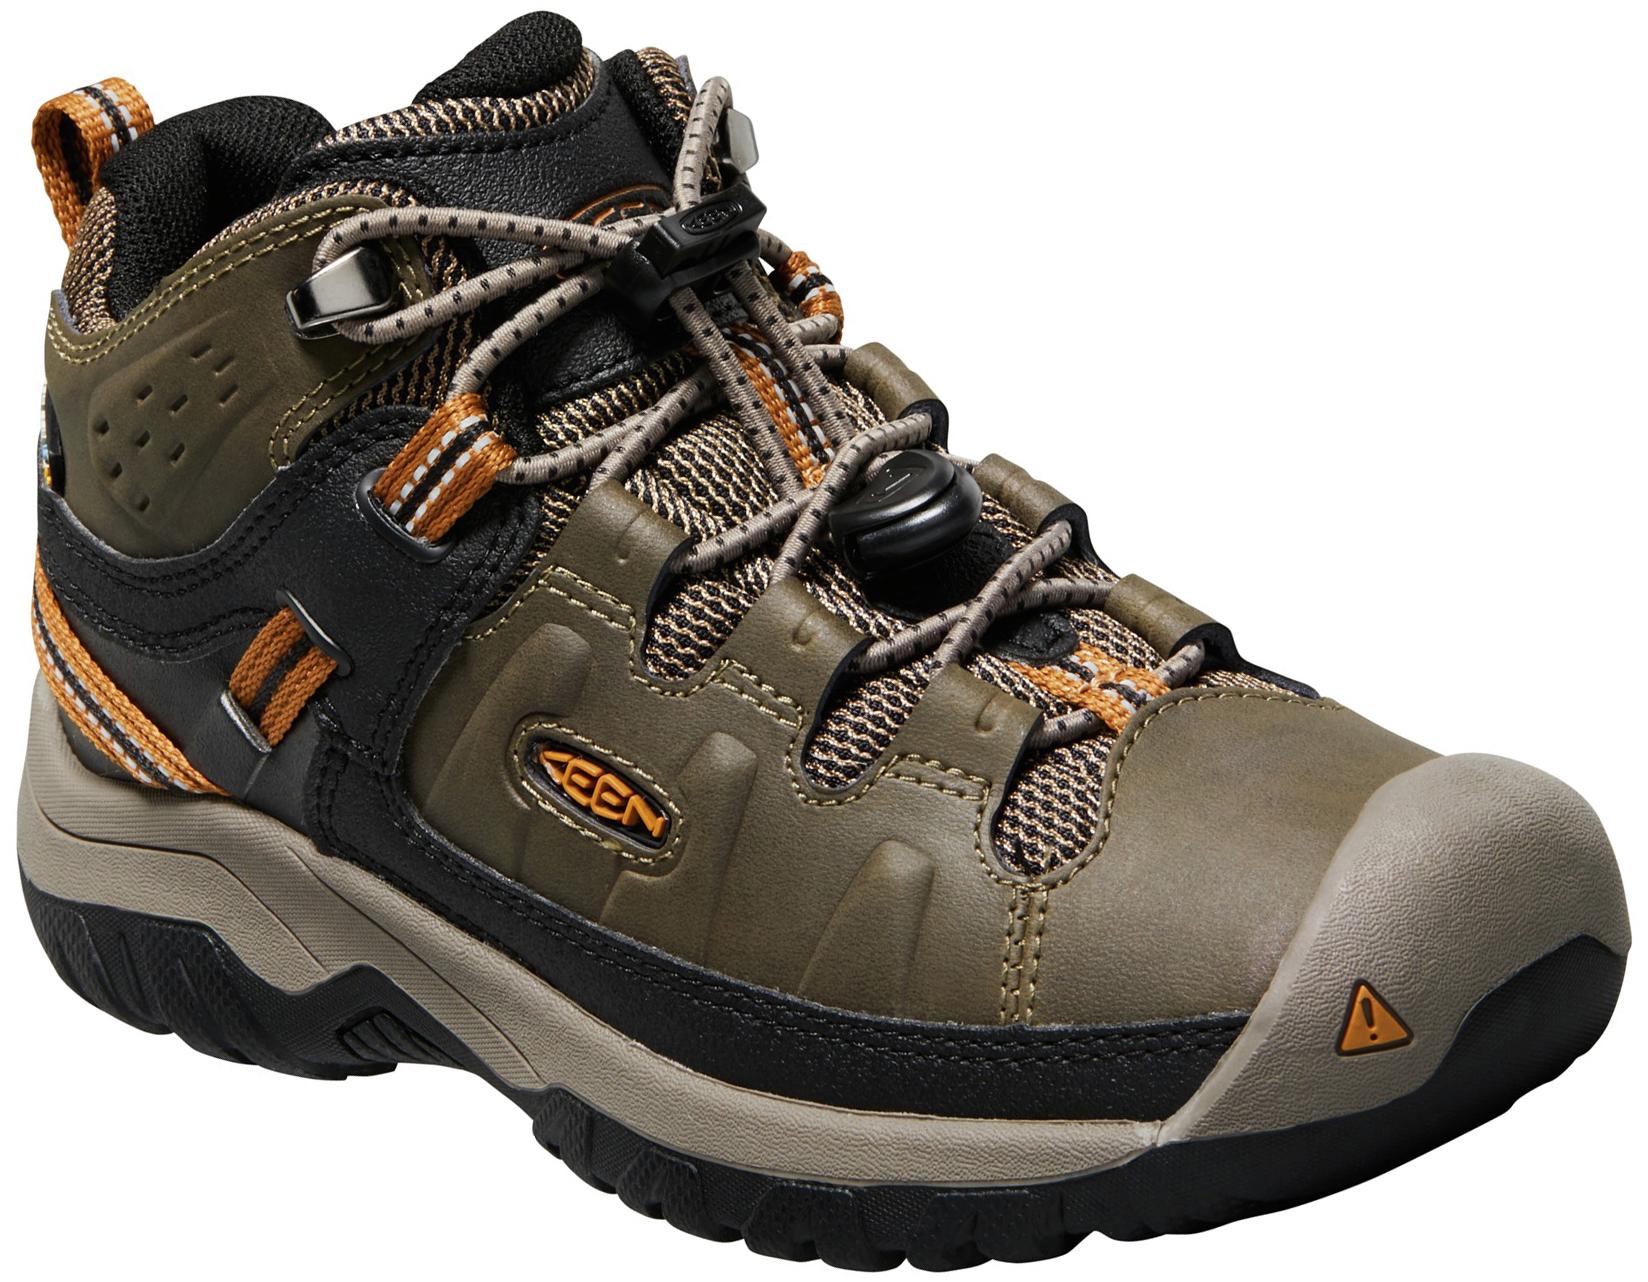 Keen Targhee Mid Waterproof Shoes